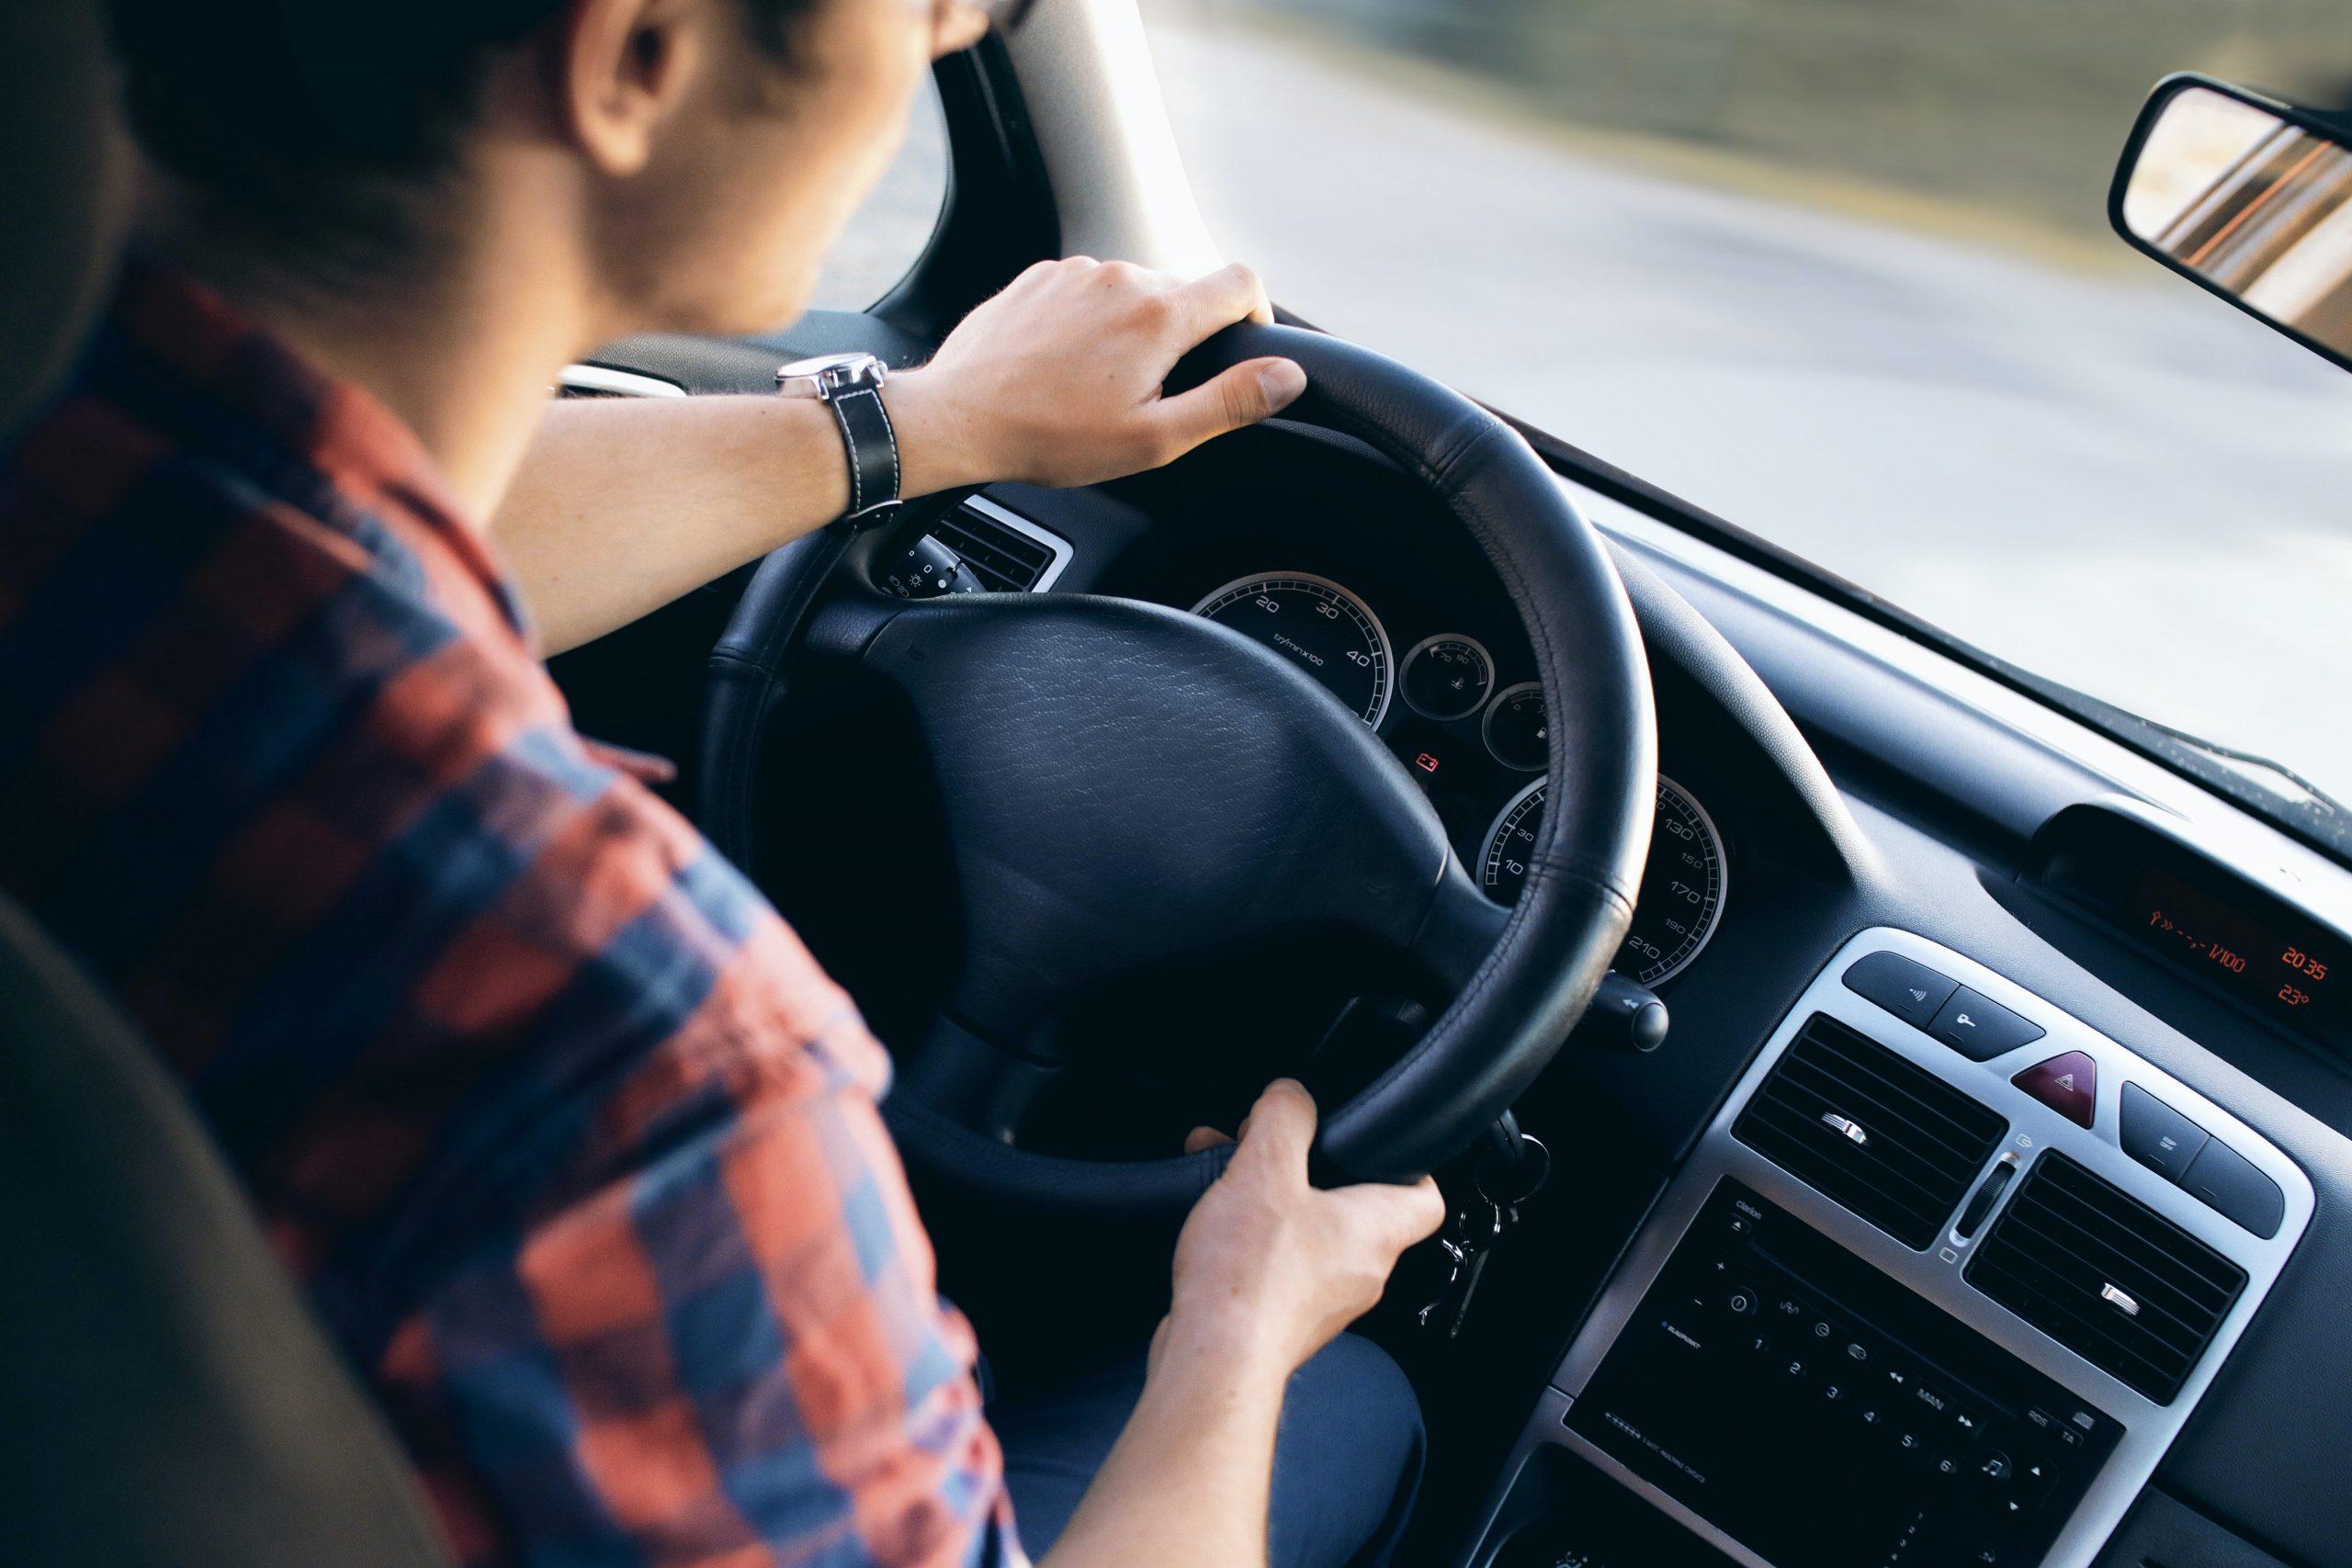 Las automotrices y el ecosistema digital, una cuenta pendiente aún para muchos